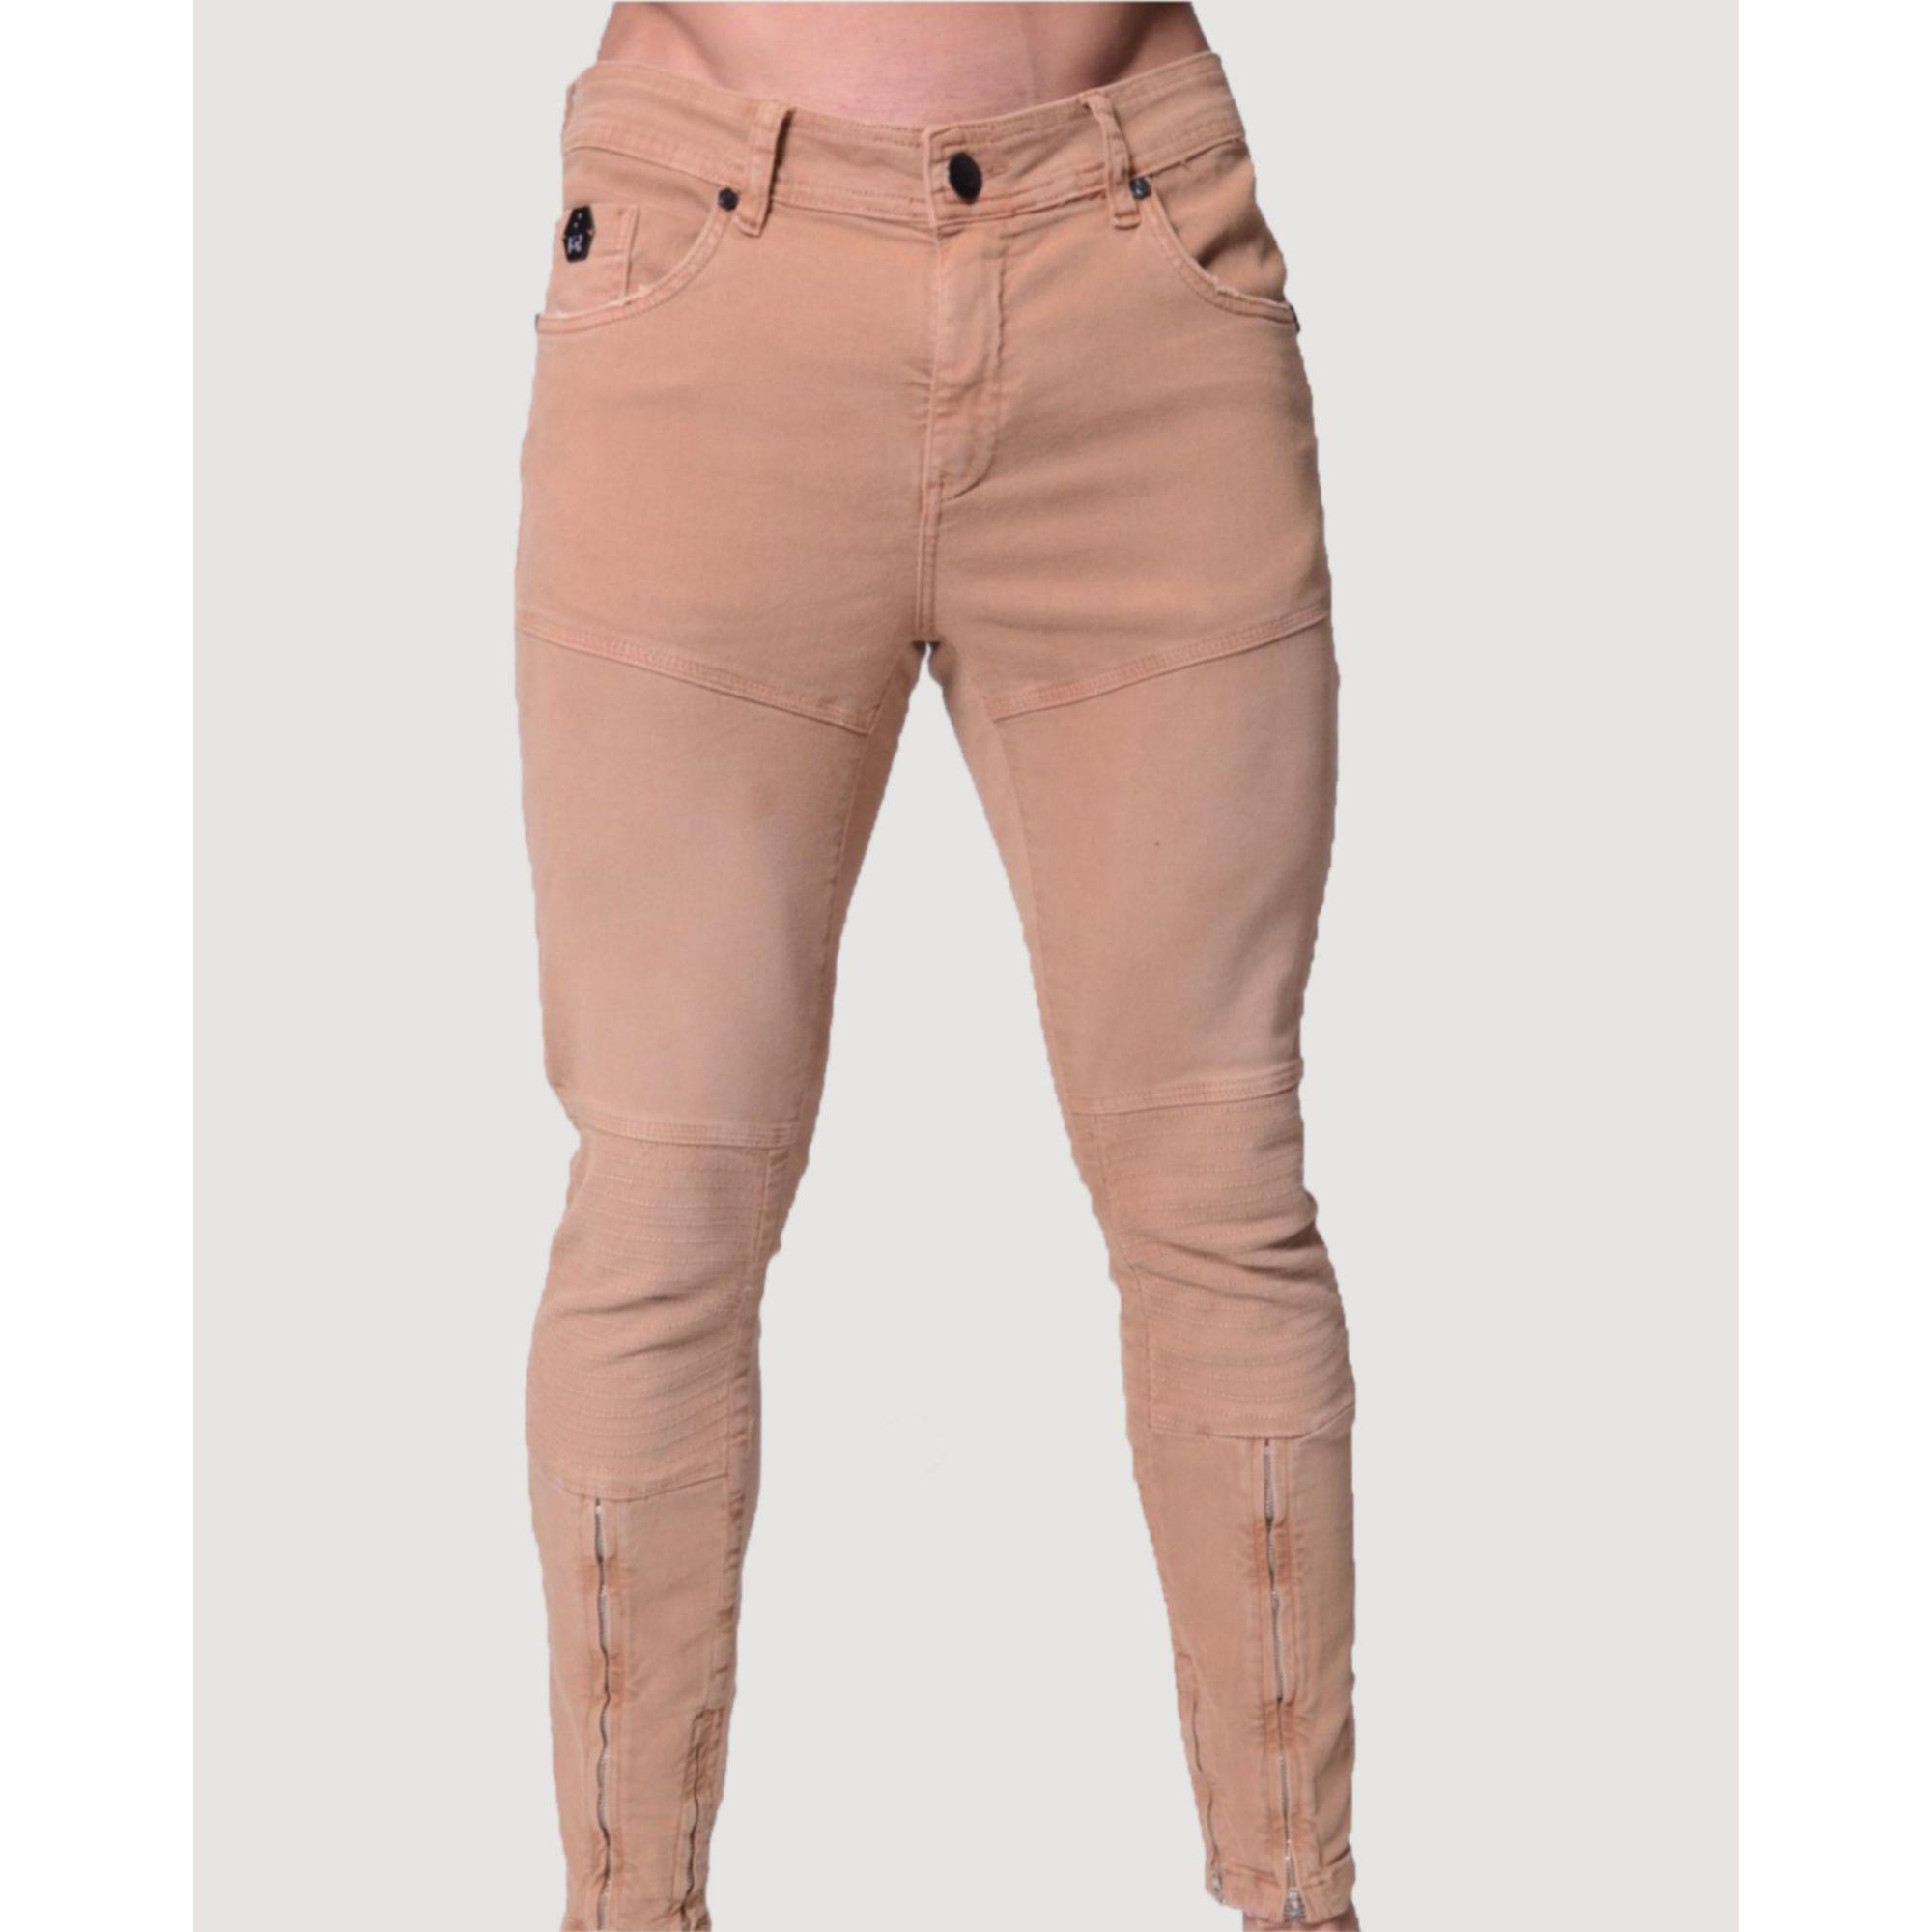 Calça Buh Jeans Zíper Marrom